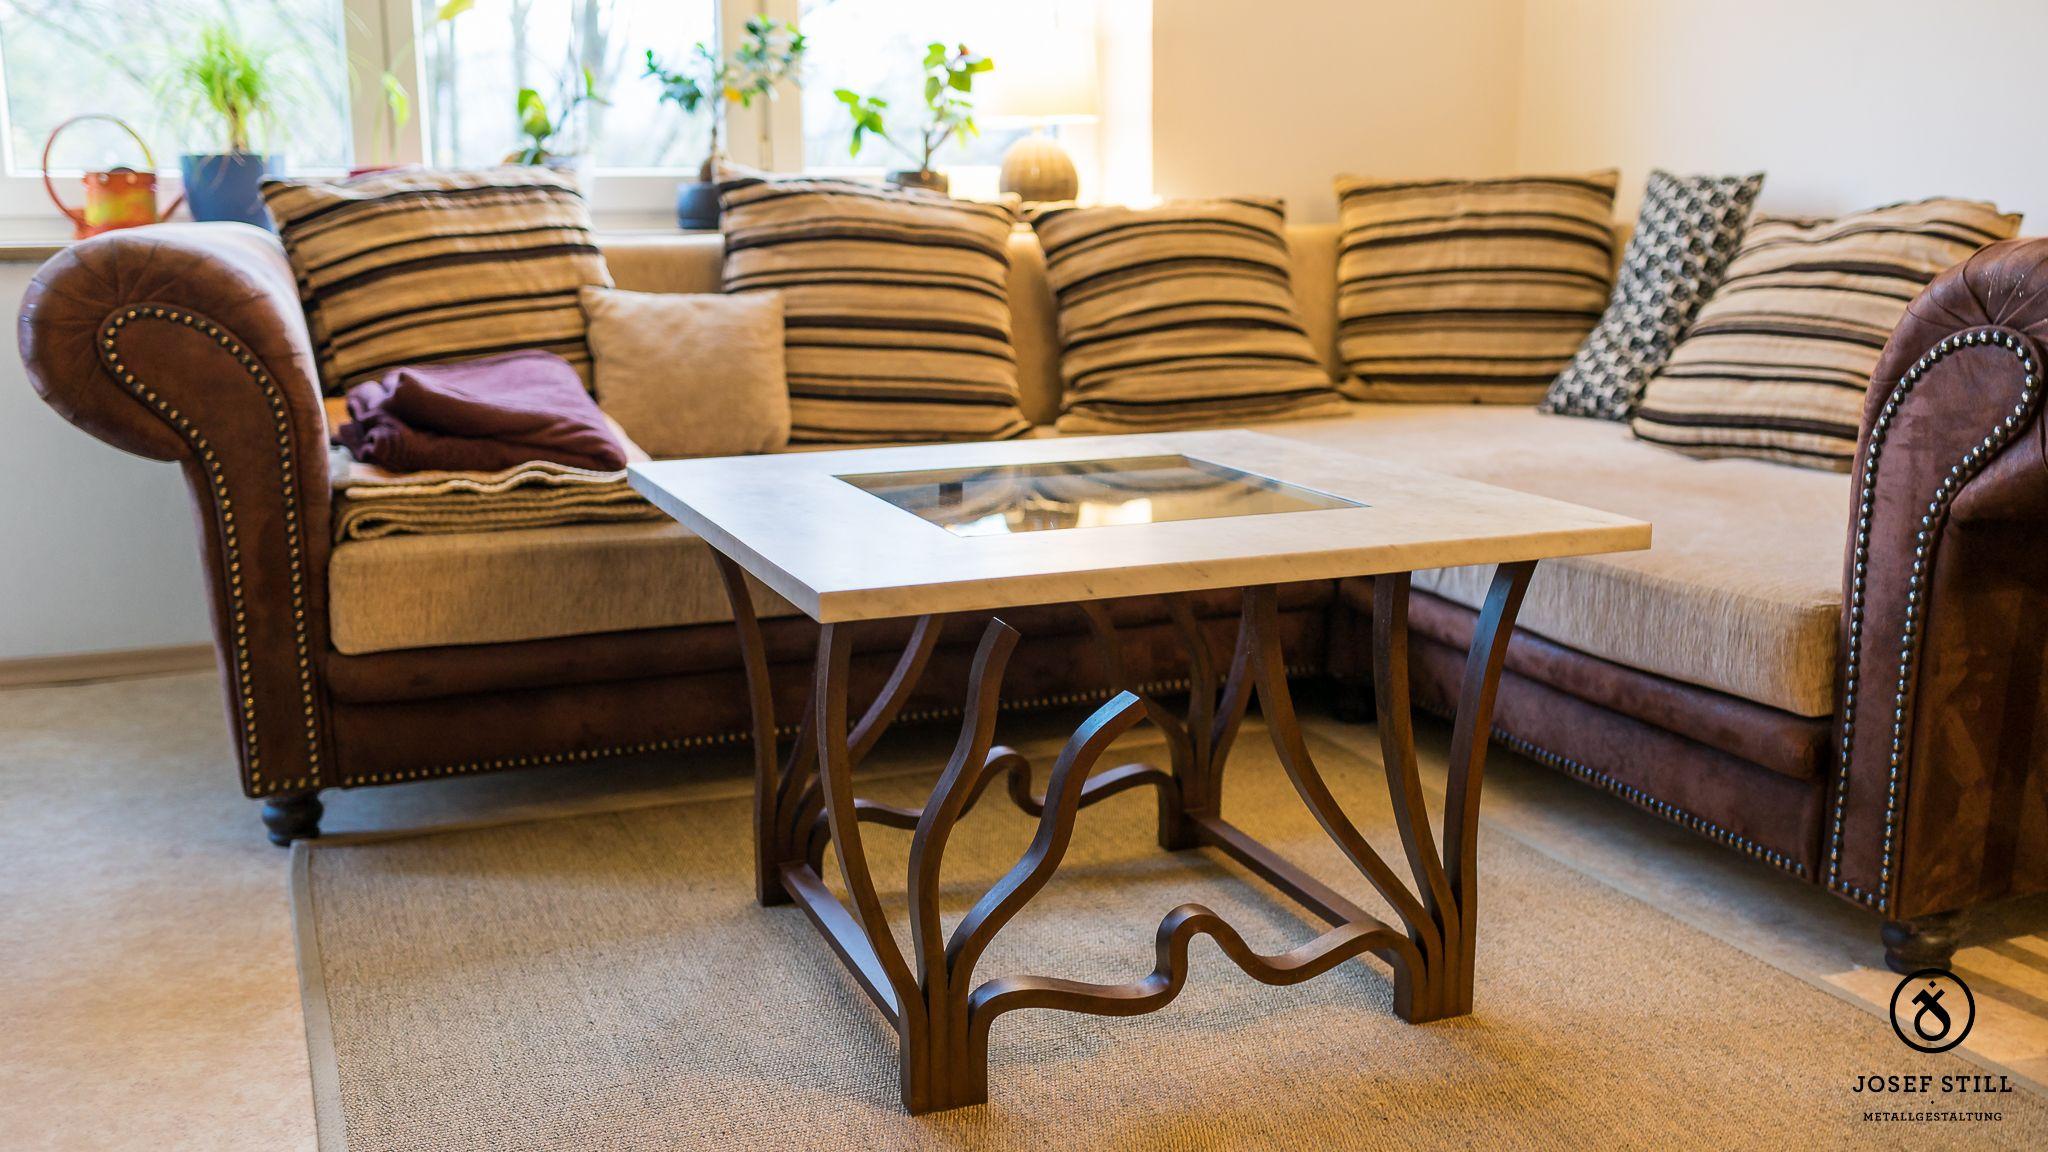 Möbel Rosenheim metall schmiede de kunstschmiede möbel tisch regal